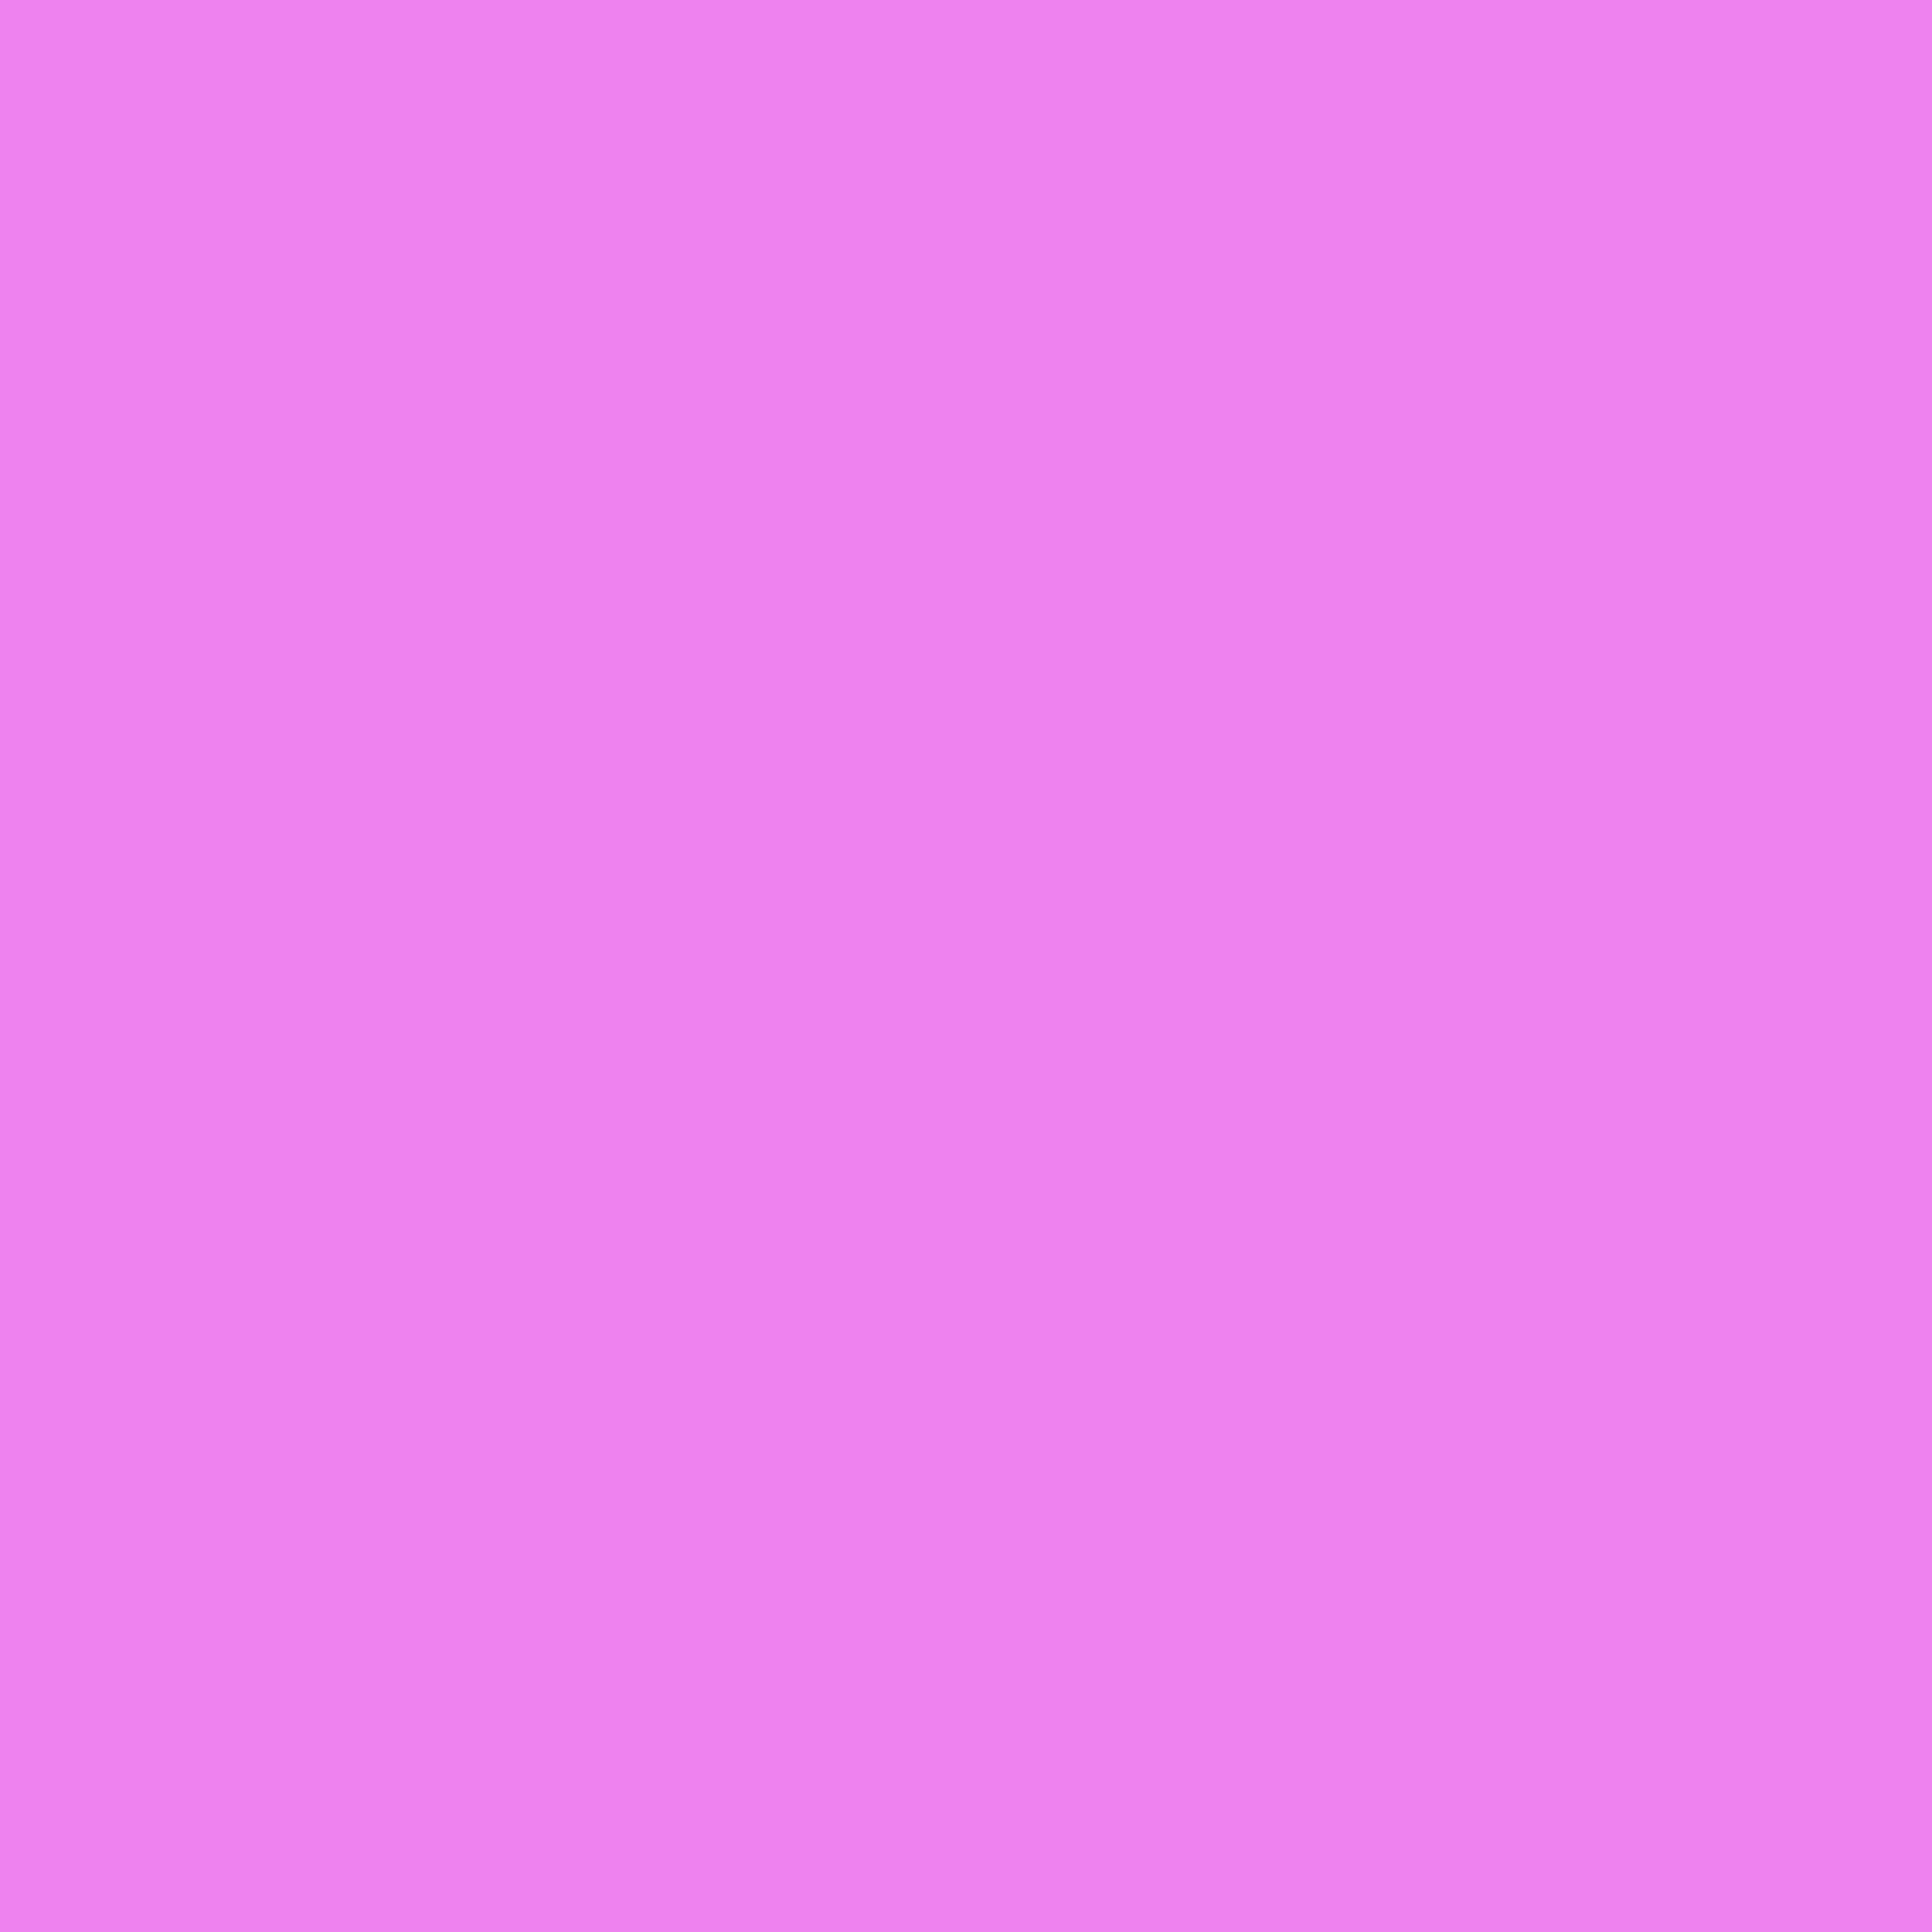 3600x3600 Violet Web Solid Color Background